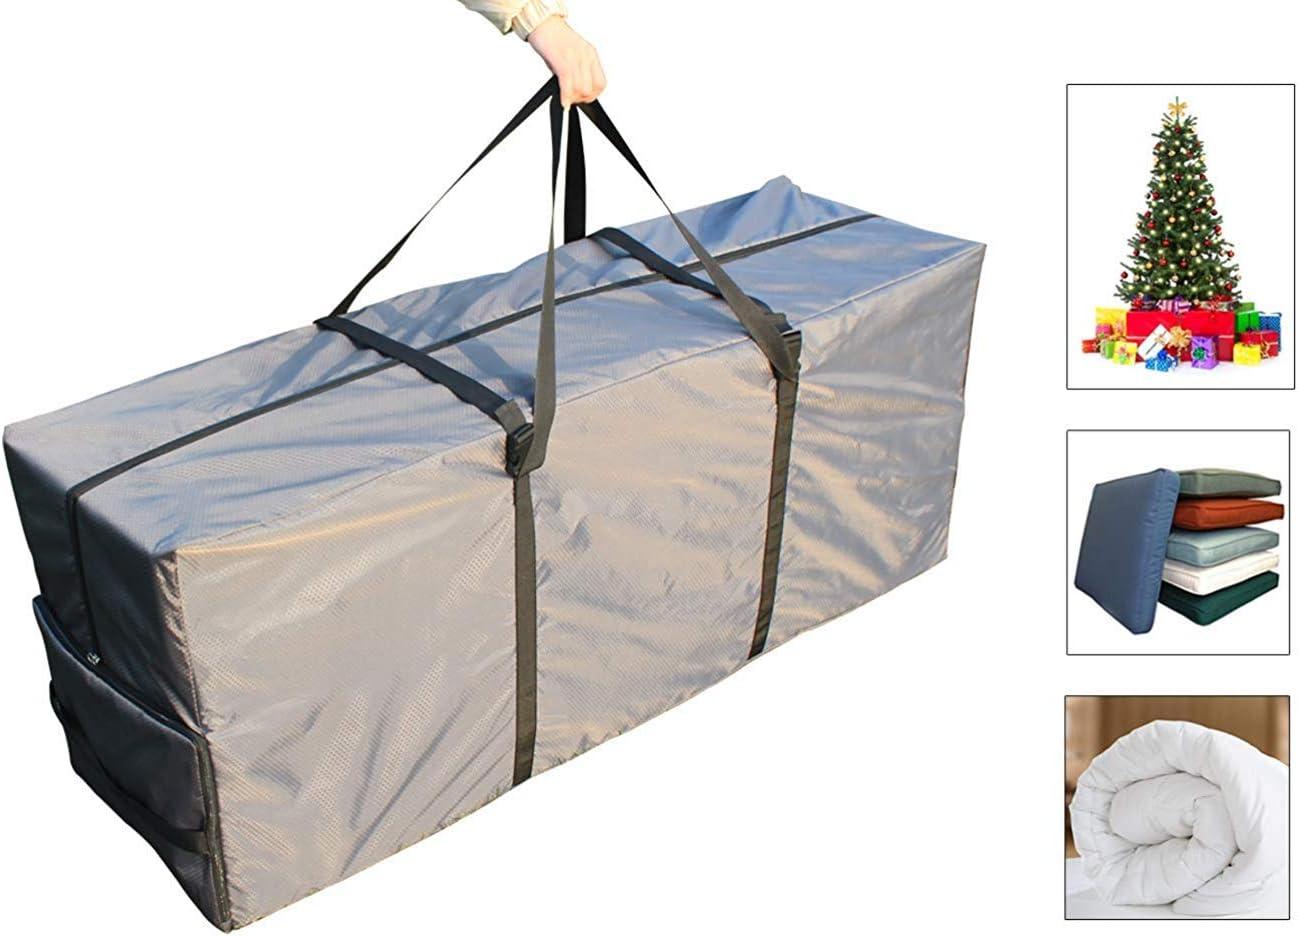 Laxllent Bolso Cojín,Bolsa de Almacenamiento para Cojines o Fundas de Jardín, Impermeable Protección UV,Bolsa de arbol de Navidad,135x40x55cm,Gris